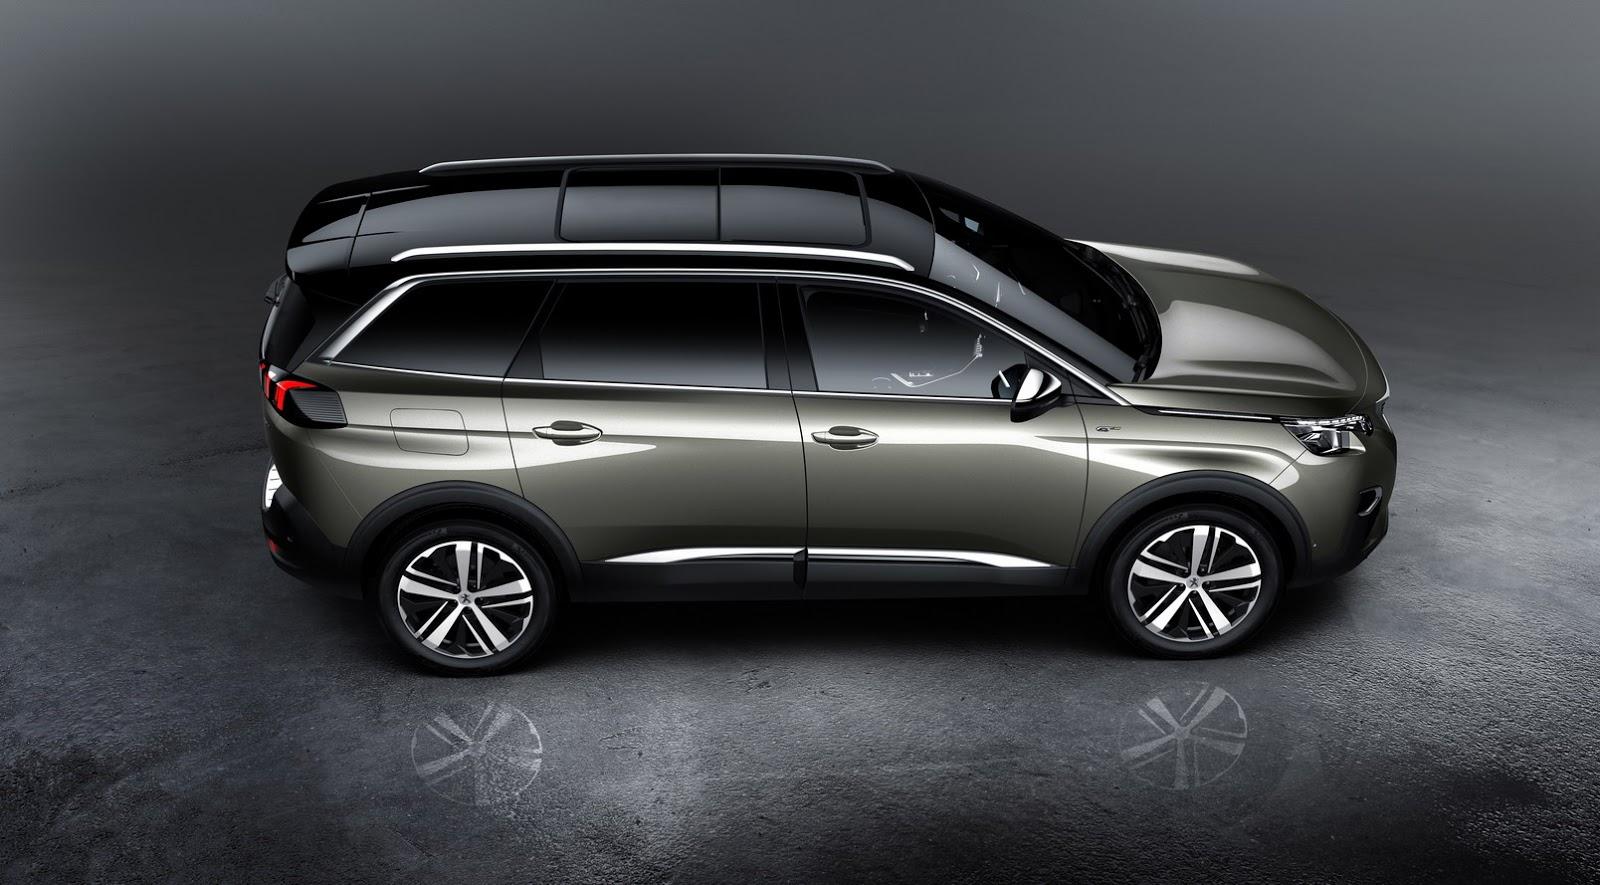 Yeni Peugeot 5008 Tanıtıldı Sekiz Silindir